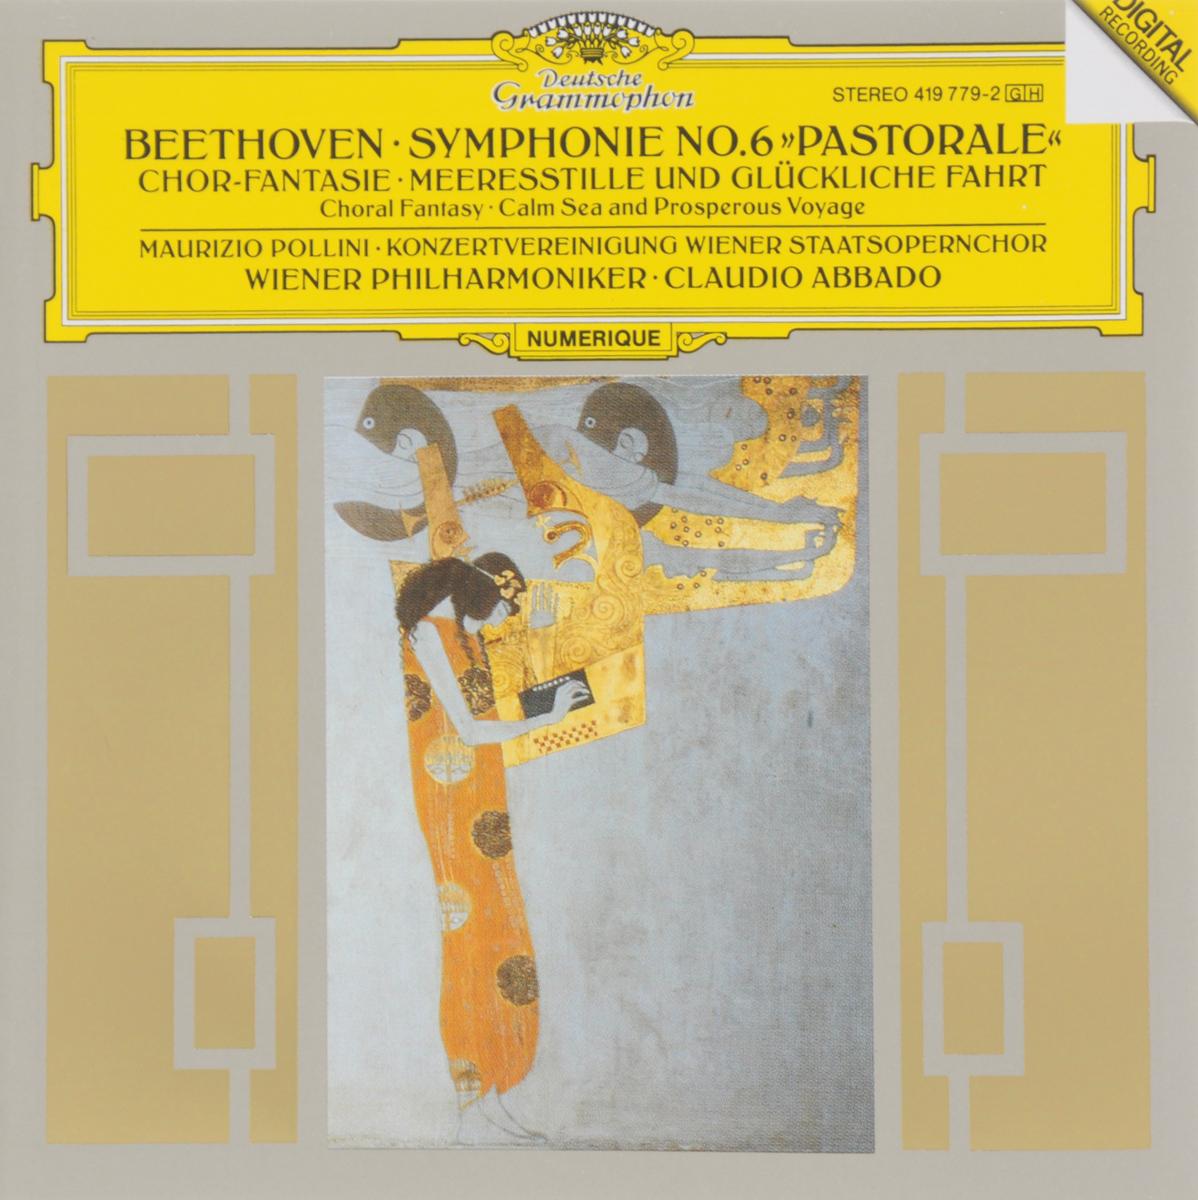 Клаудио Аббадо,Wiener Philharmoniker Claudio Abbado, Wiener Philharmoniker. Beethoven. Symphony No. 6 Pastorale münchner philharmoniker elbphilharmonie hamburg